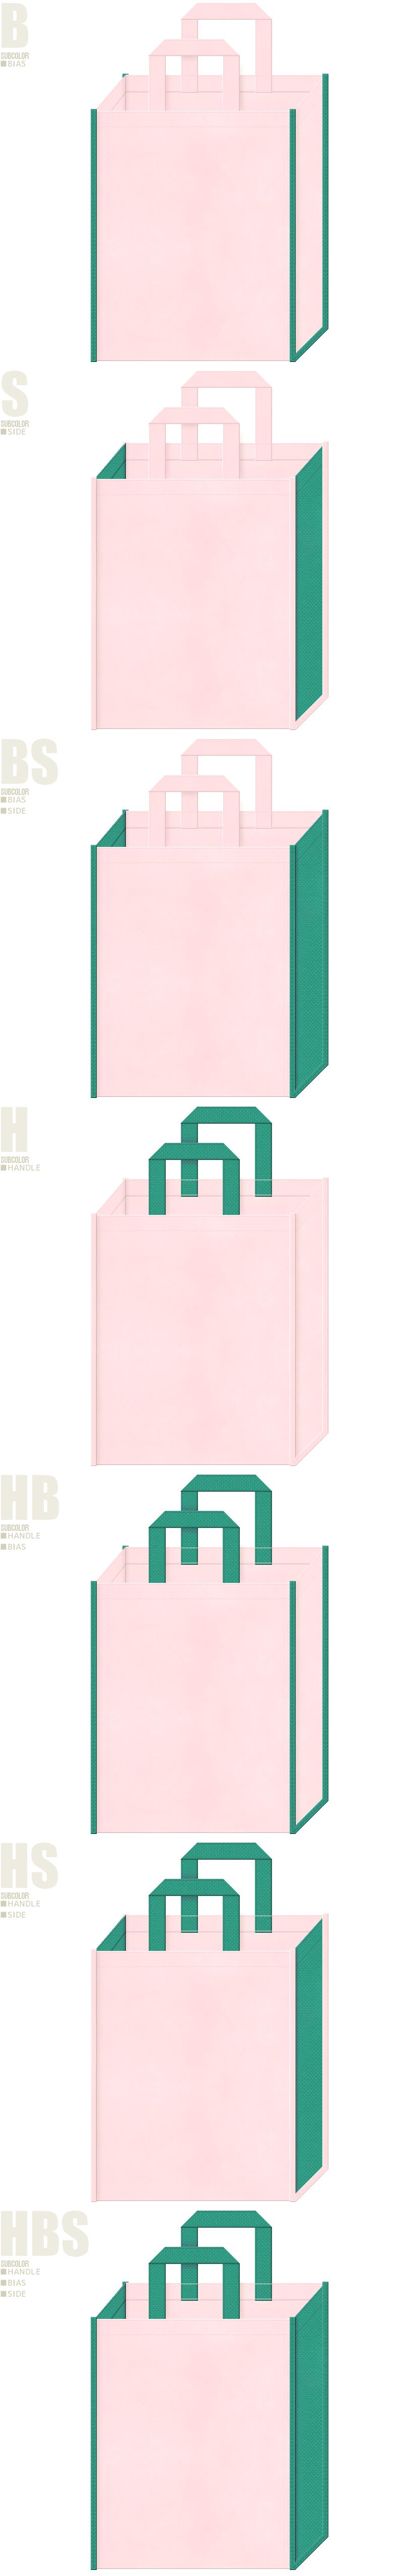 シャンプー・石鹸・洗剤・入浴剤・バス用品・お掃除用品・家庭用品の展示会用バッグにお奨めの不織布バッグのデザイン:桜色と青緑色の配色7パターン。